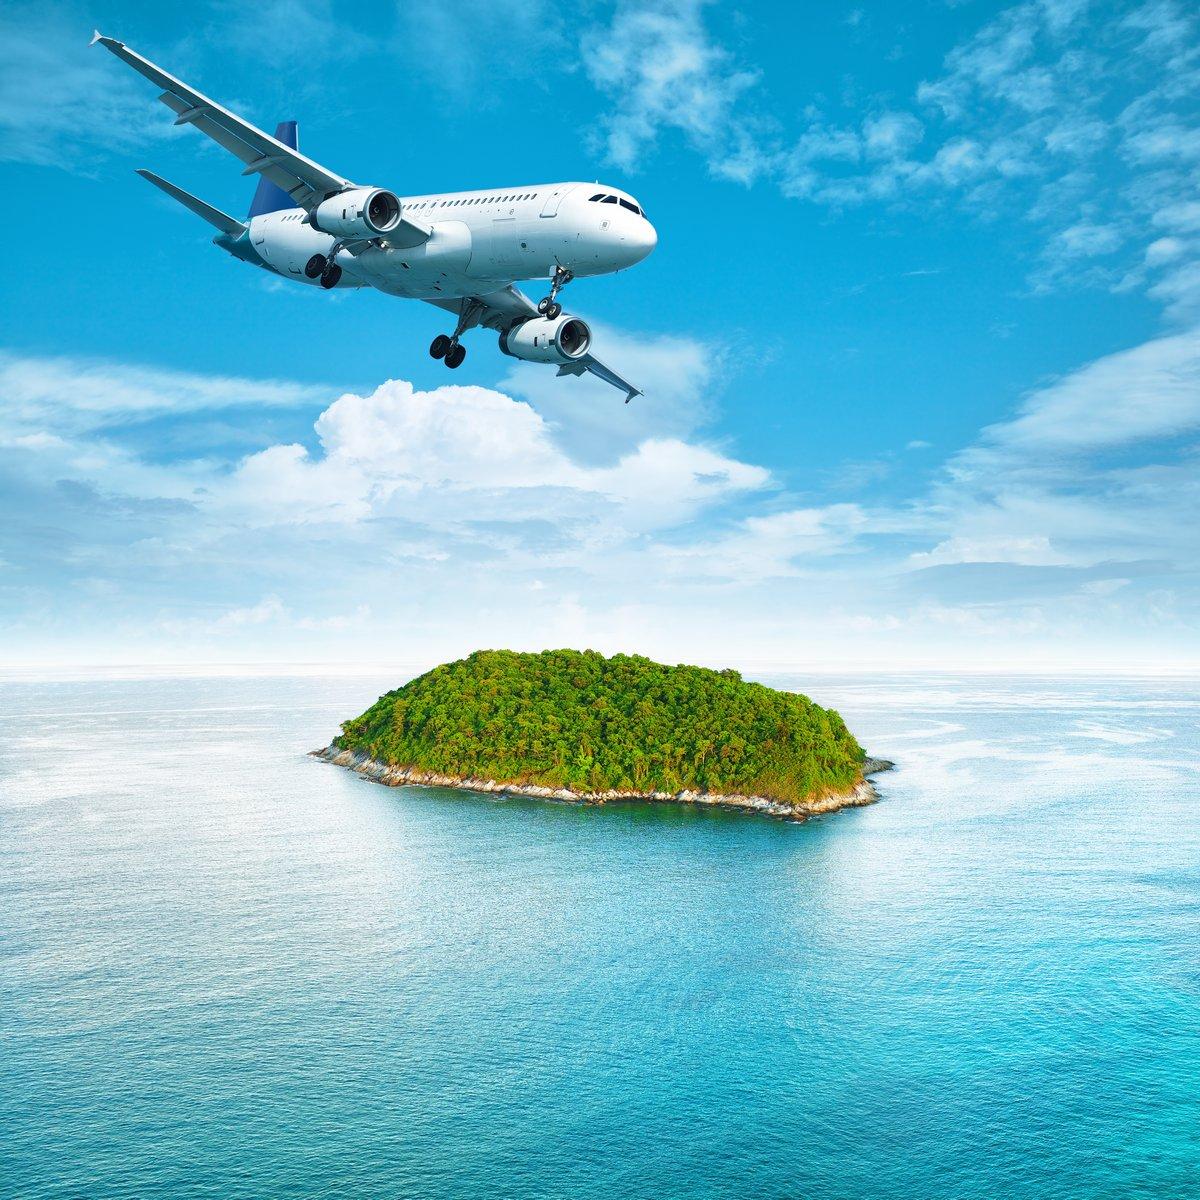 Постер-картина Фото-постеры Реактивный самолет на тропическом острове. Площадь, состав., 20x20 см, на бумагеСамолеты<br>Постер на холсте или бумаге. Любого нужного вам размера. В раме или без. Подвес в комплекте. Трехслойная надежная упаковка. Доставим в любую точку России. Вам осталось только повесить картину на стену!<br>